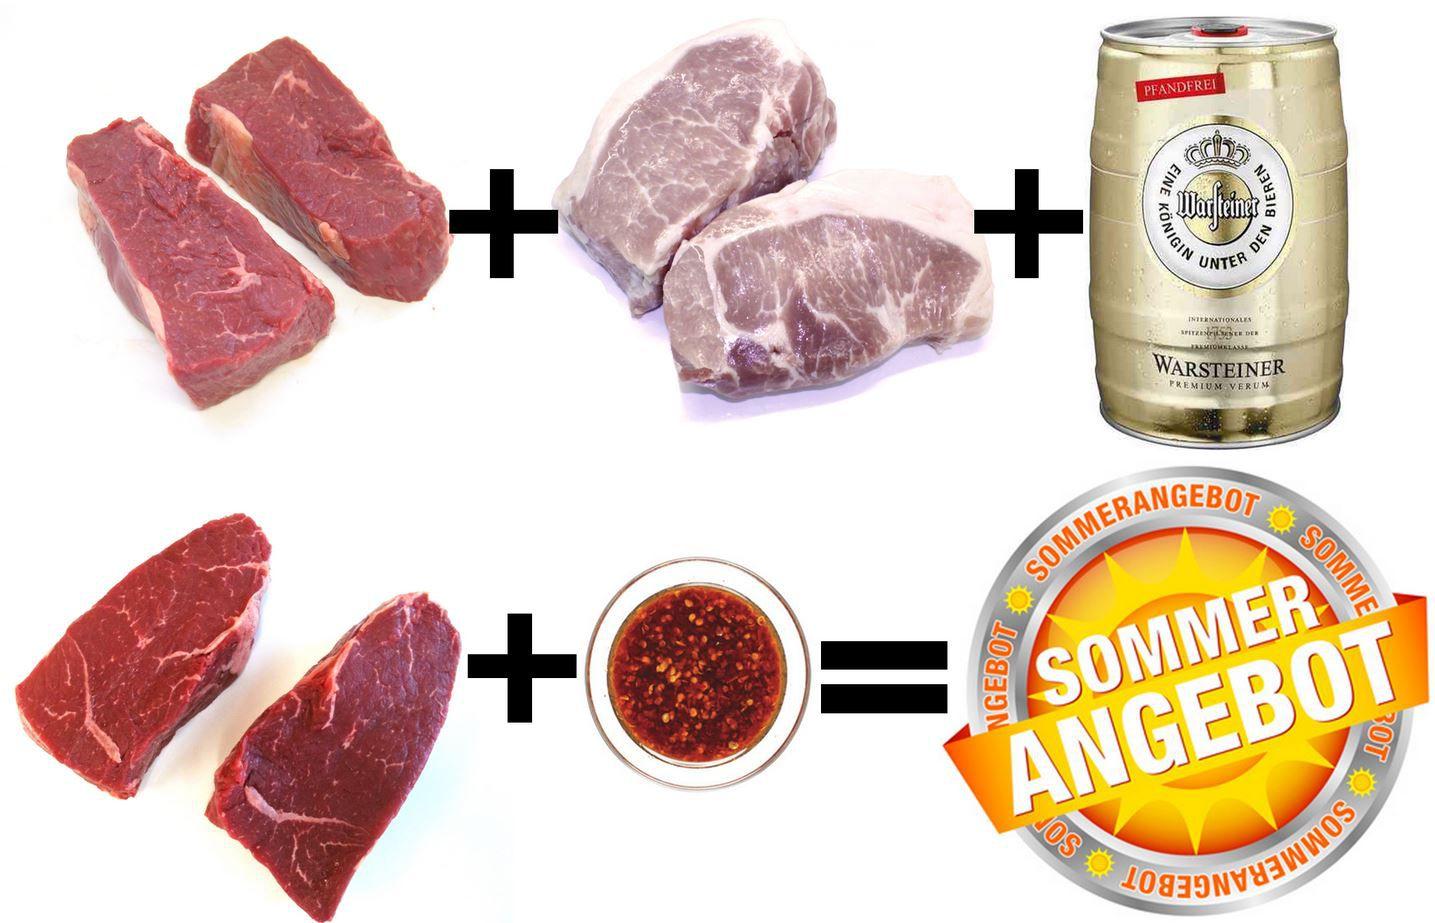 3 KG premium Sommer Grillpaket (Wagyu, Bison, Duroc) für 79,99€ inkl. Versand   Update!